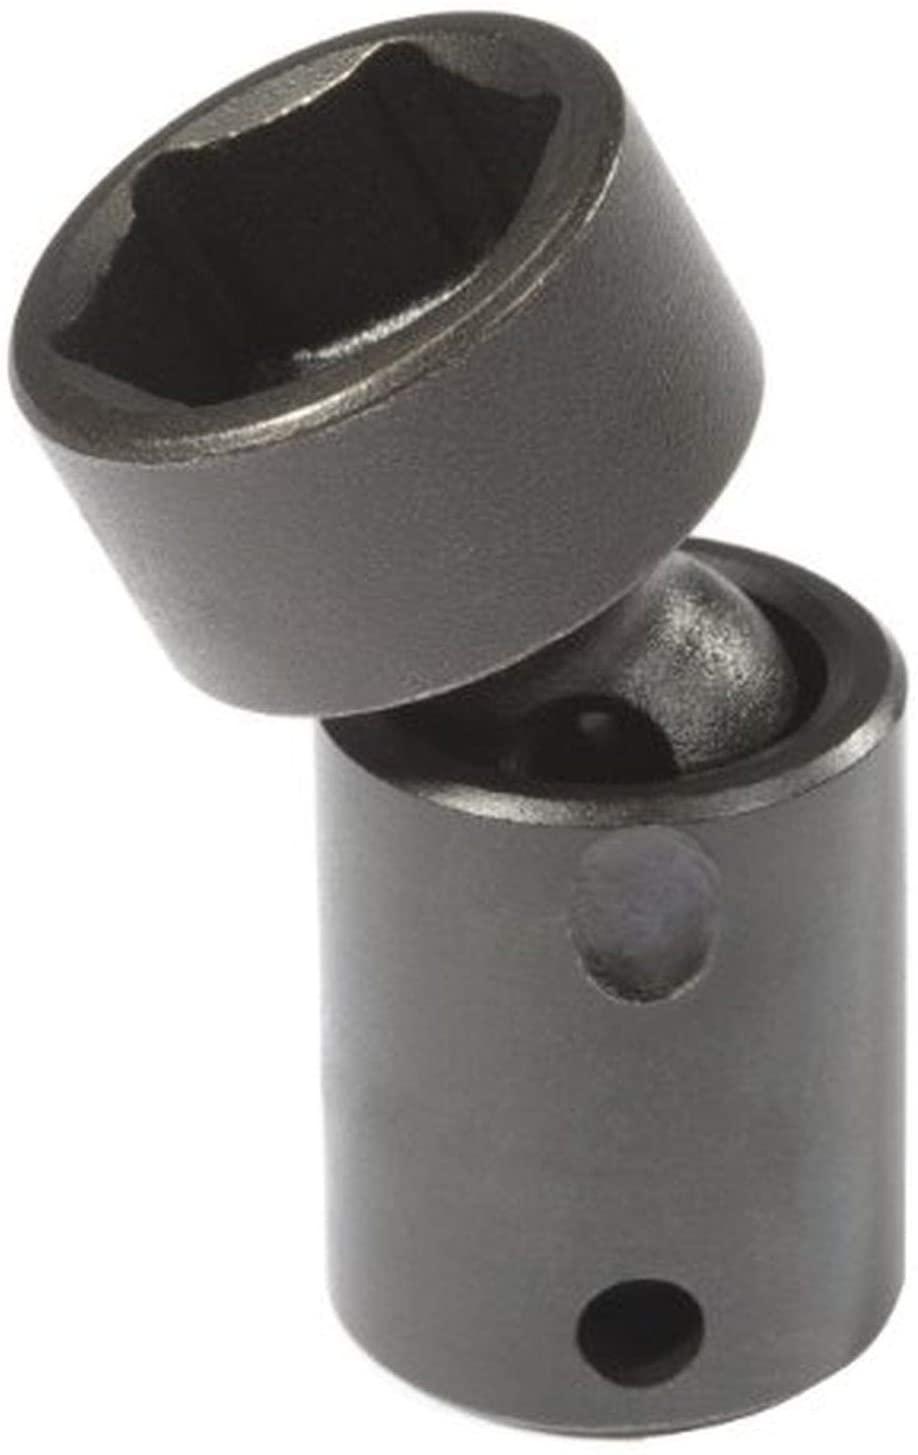 Stanley Proto J77274P Proto 3/8-Inch Drive Universal Impact Socket